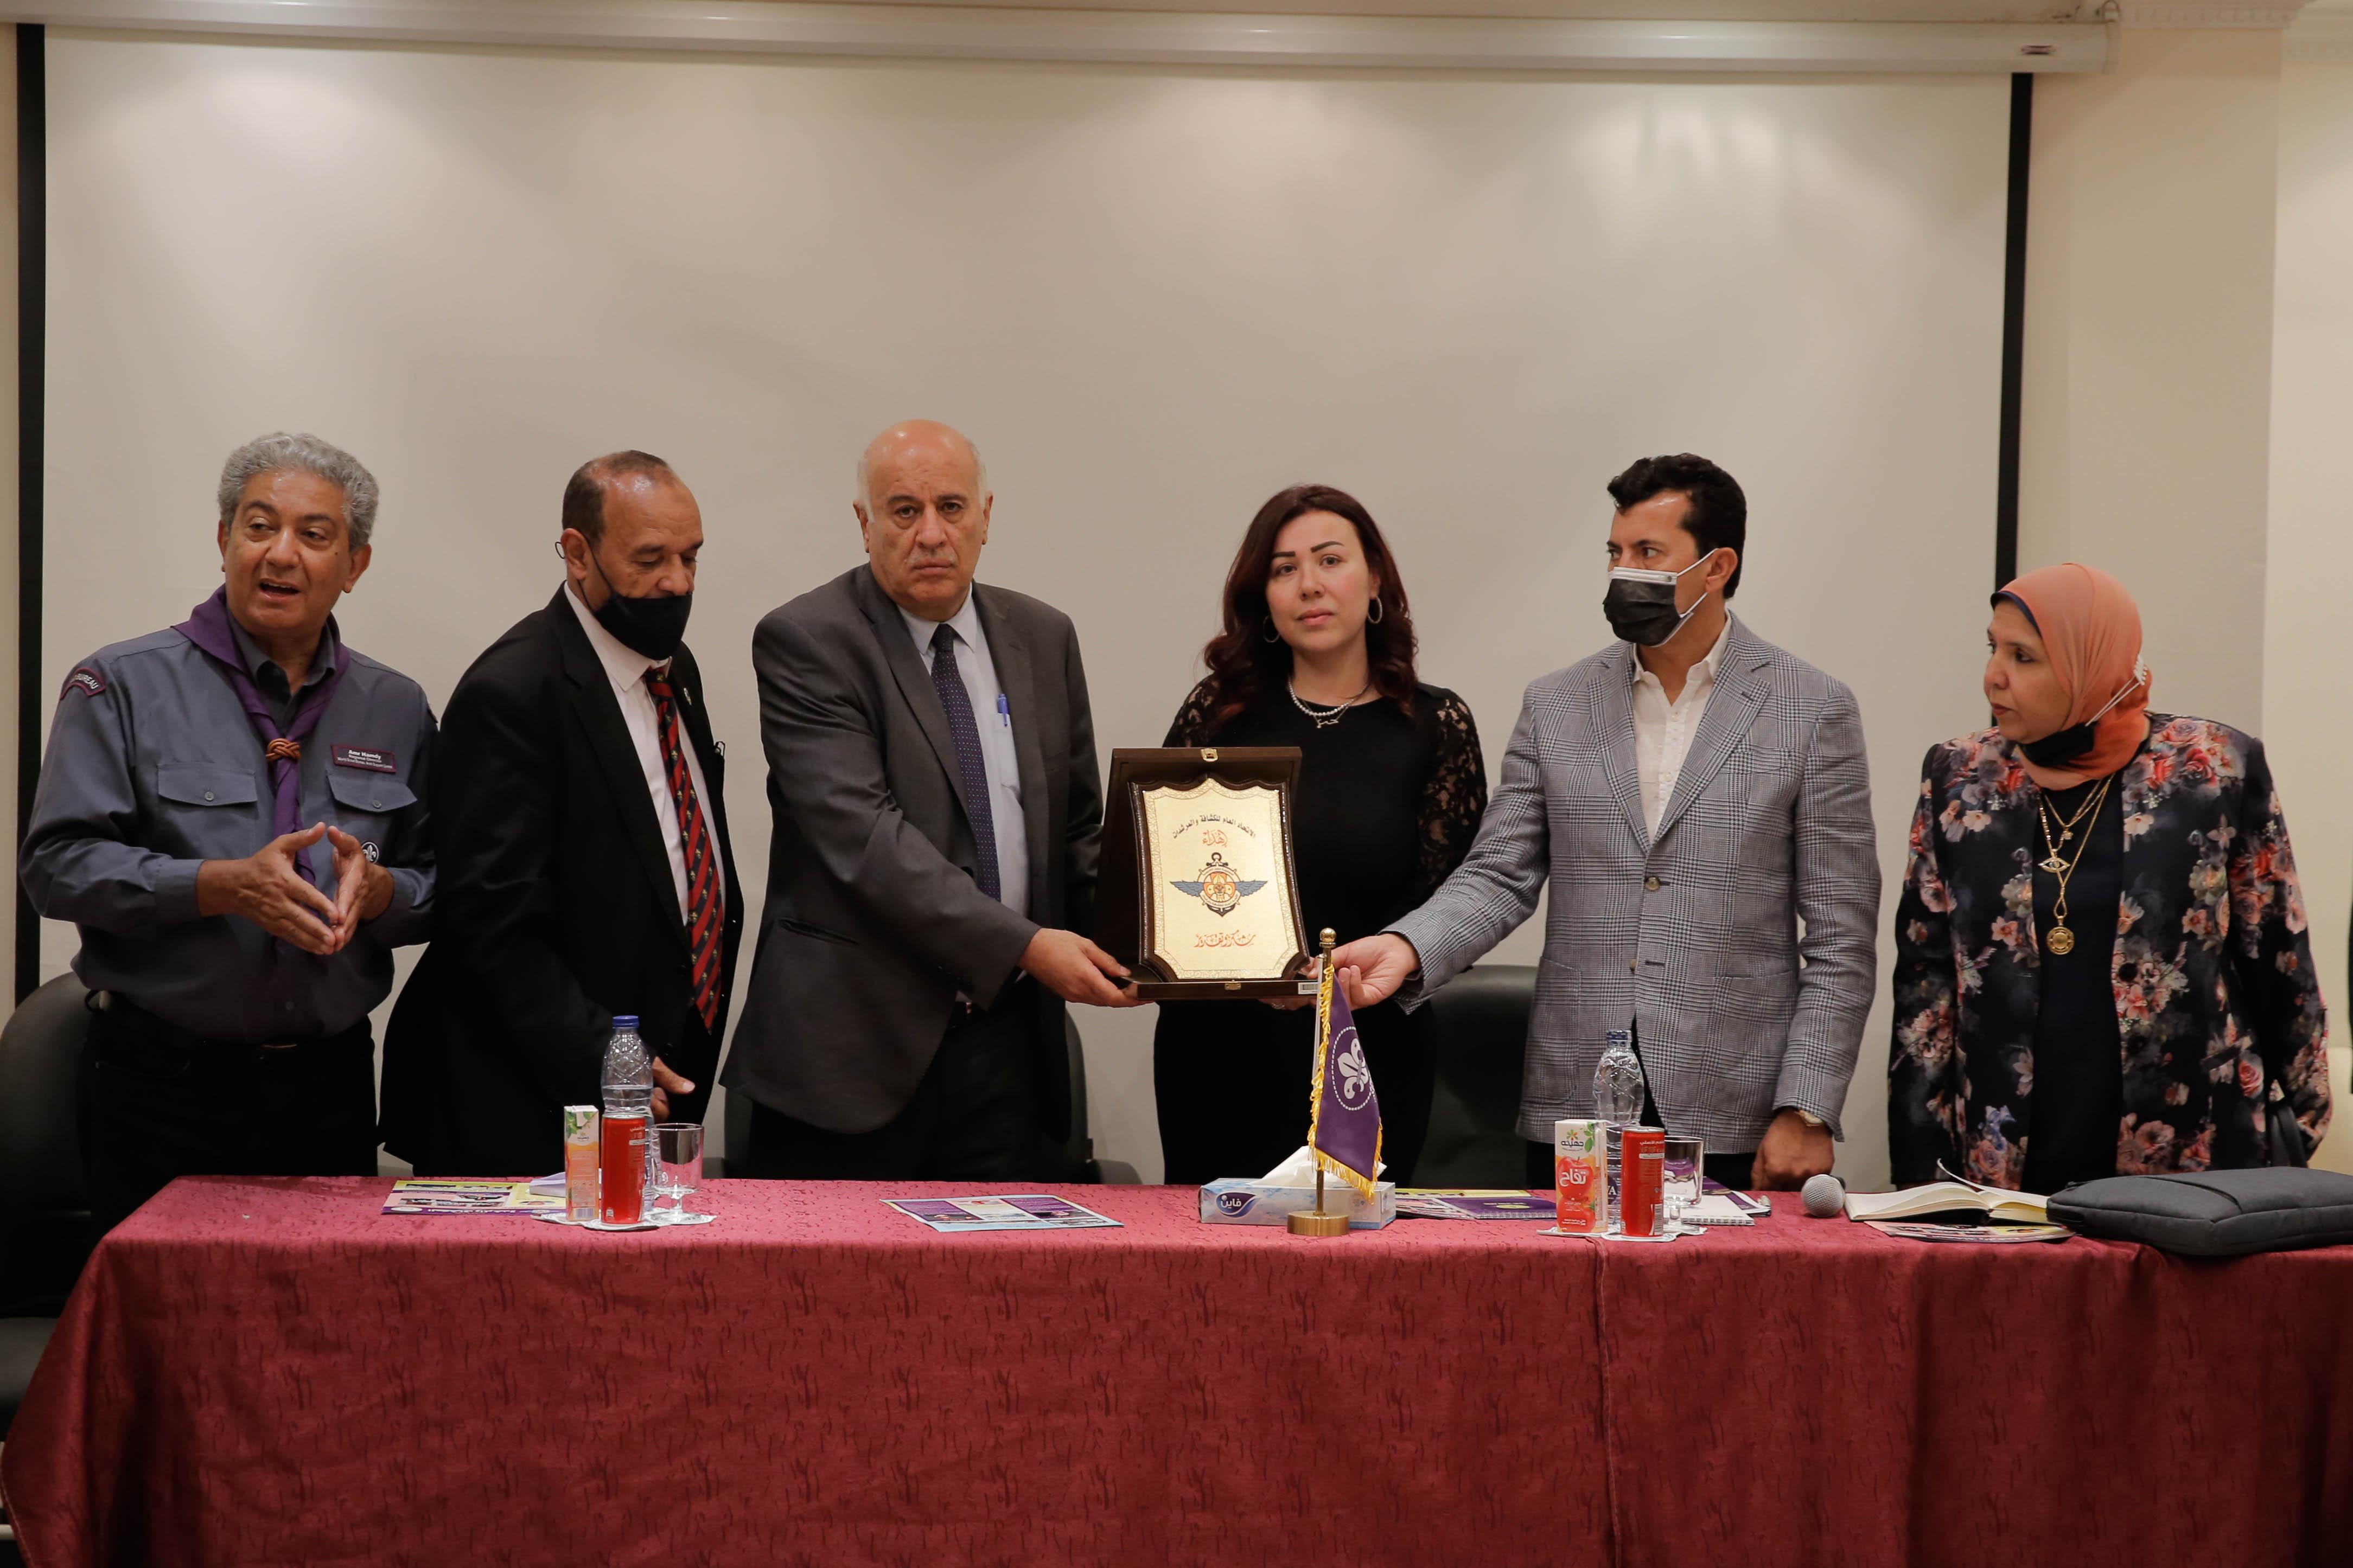 توقيع اتفاقية تعاون مشترك بين جمعية الكشافة الفلسطينية والاتحاد العام للكشافة والمرشدات المصري